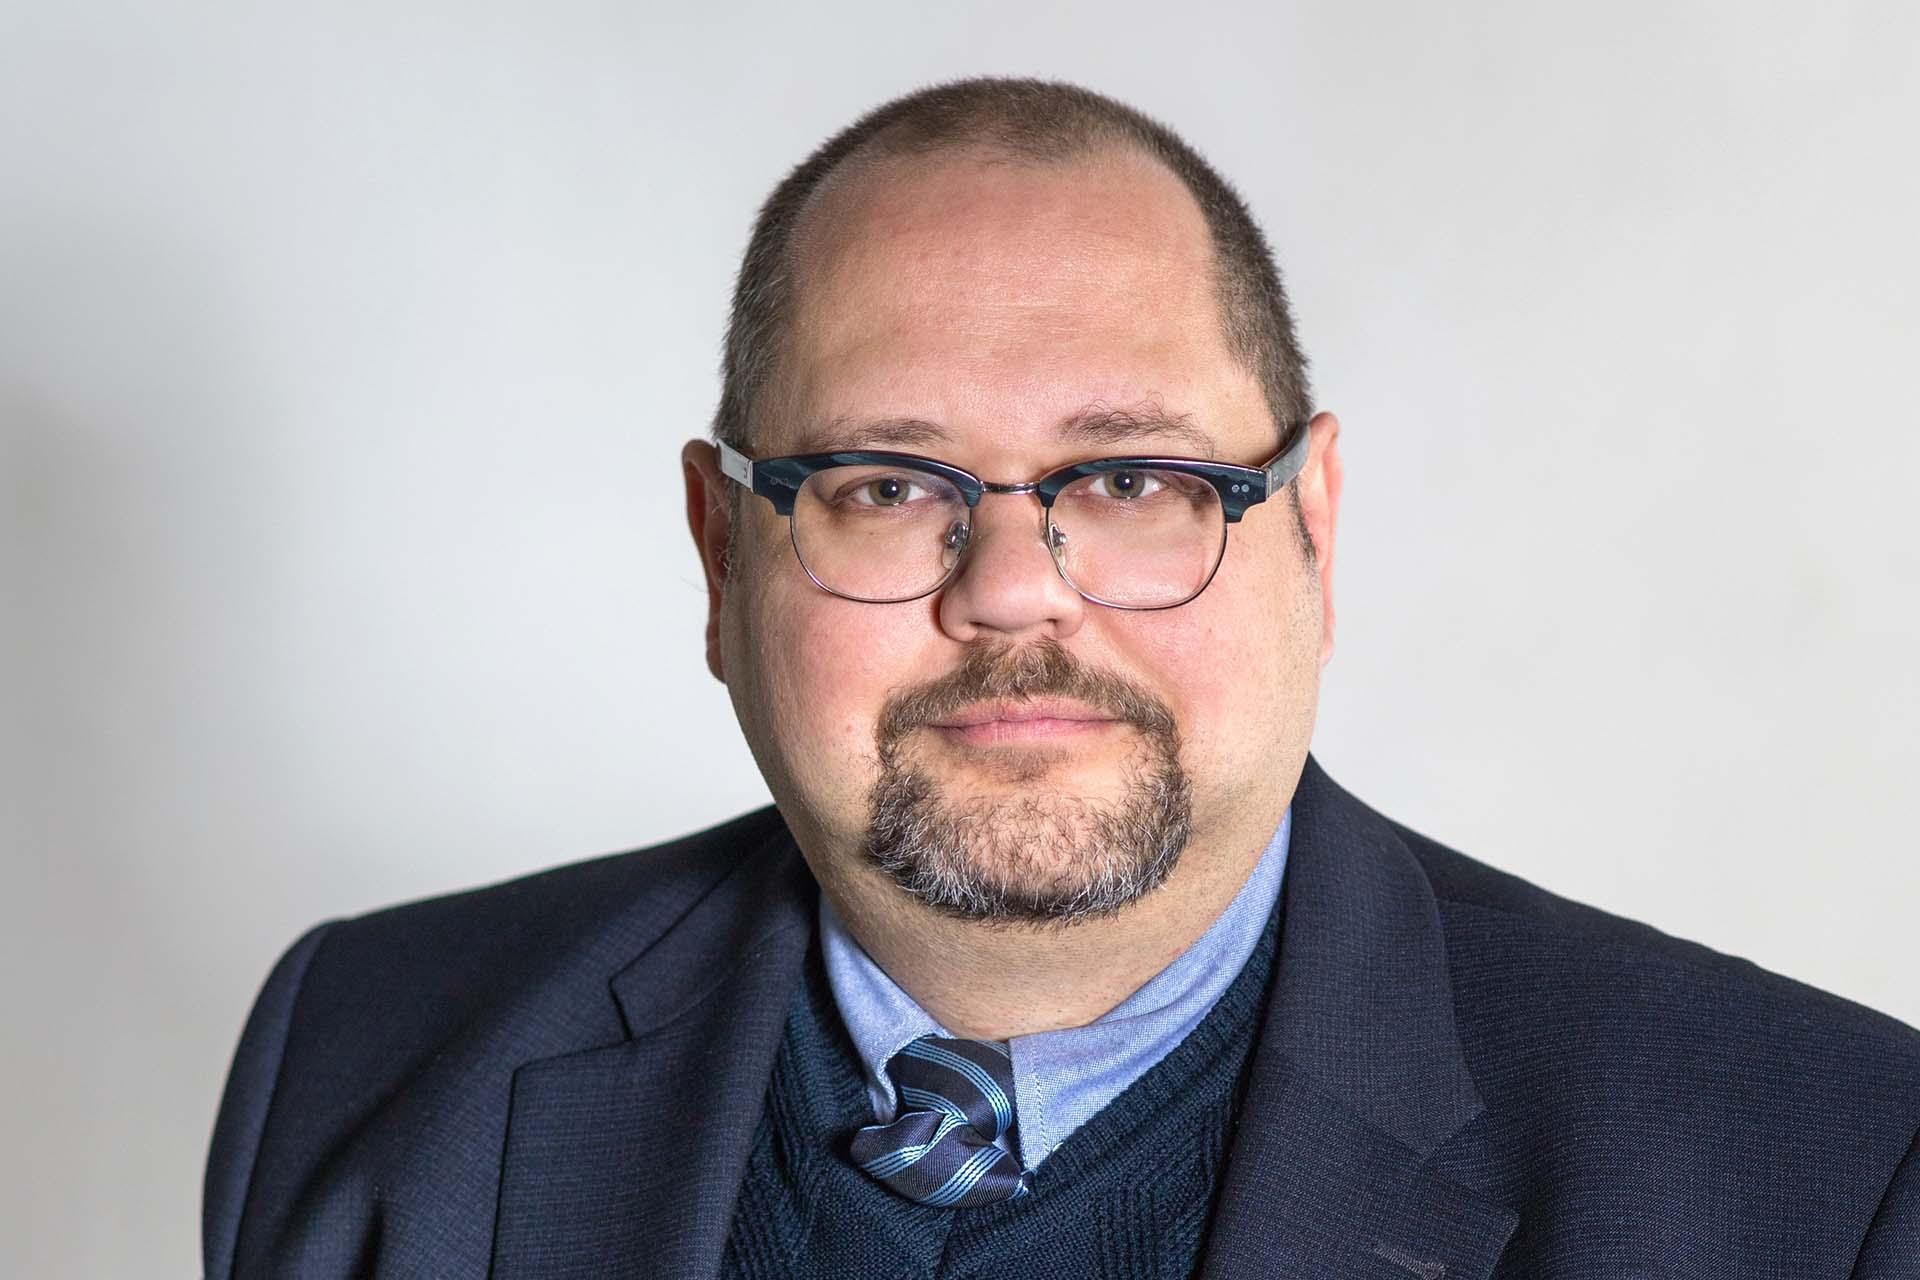 Константин Барежев, федеральный эксперт в области развития soft skills